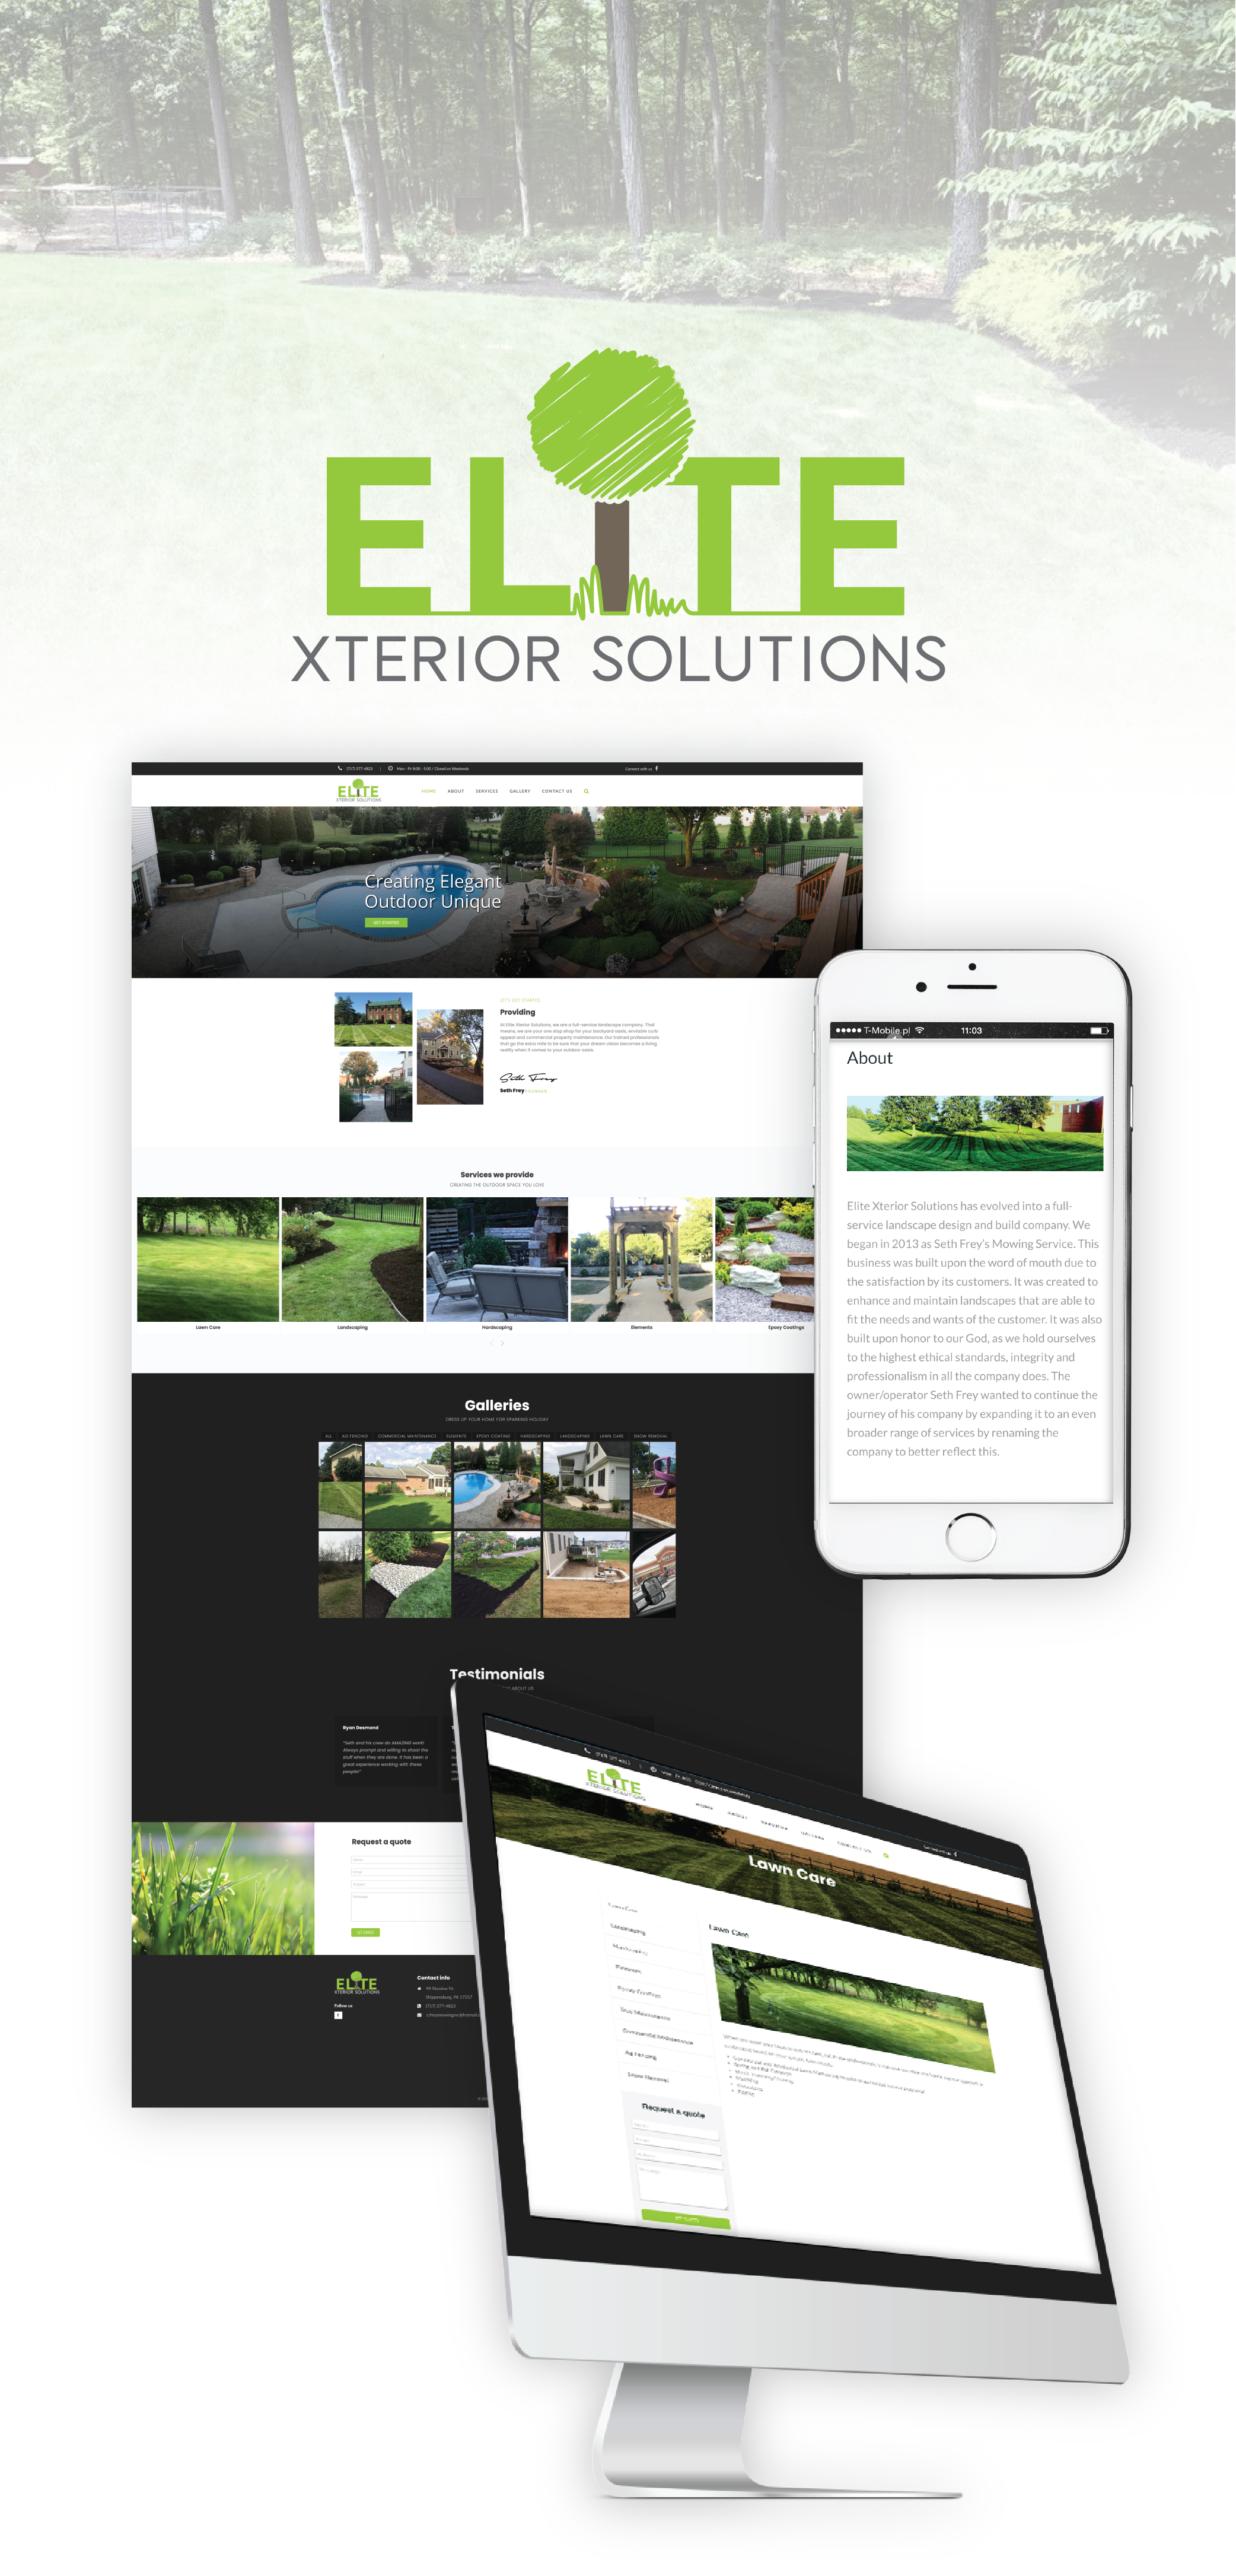 Elite Xterior Solutions Portfolio